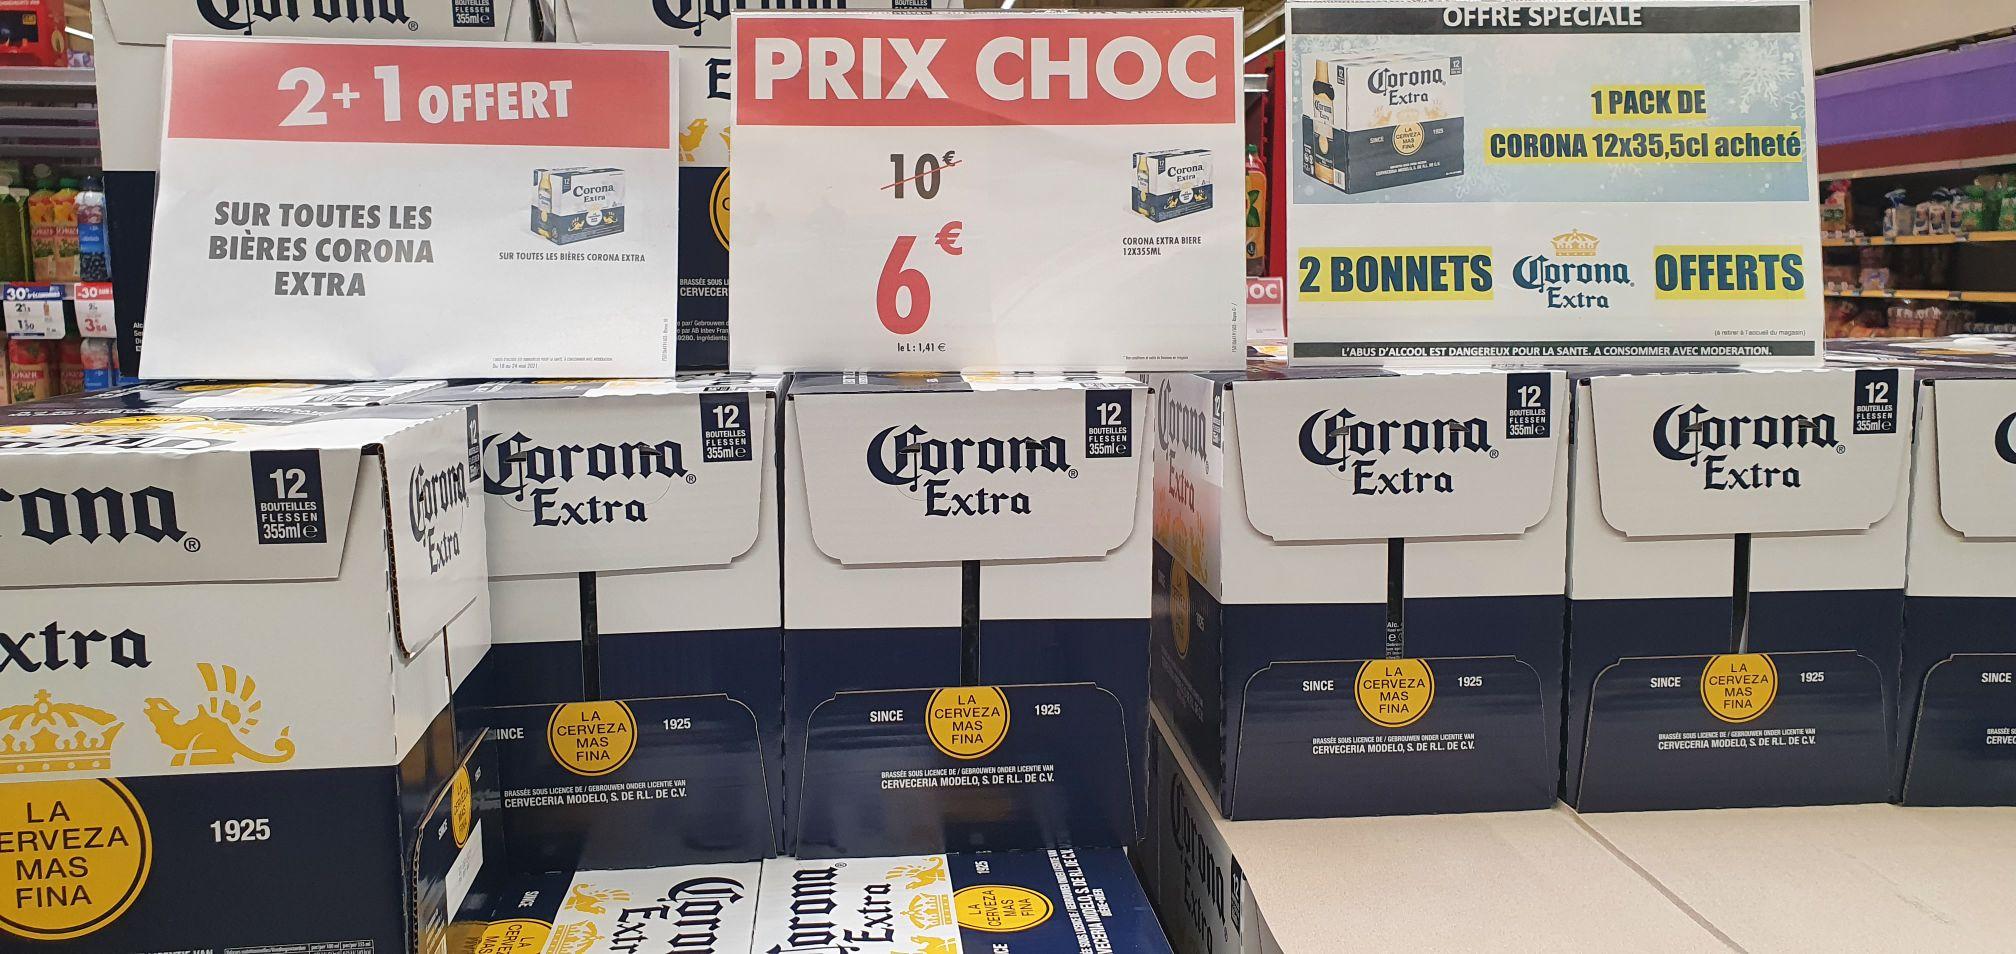 Lot de 3 Packs de bières Corona (36x 355ml) + 6 bonnets Corona - Les Eleis Cherbourg-en-Cotentin (50)